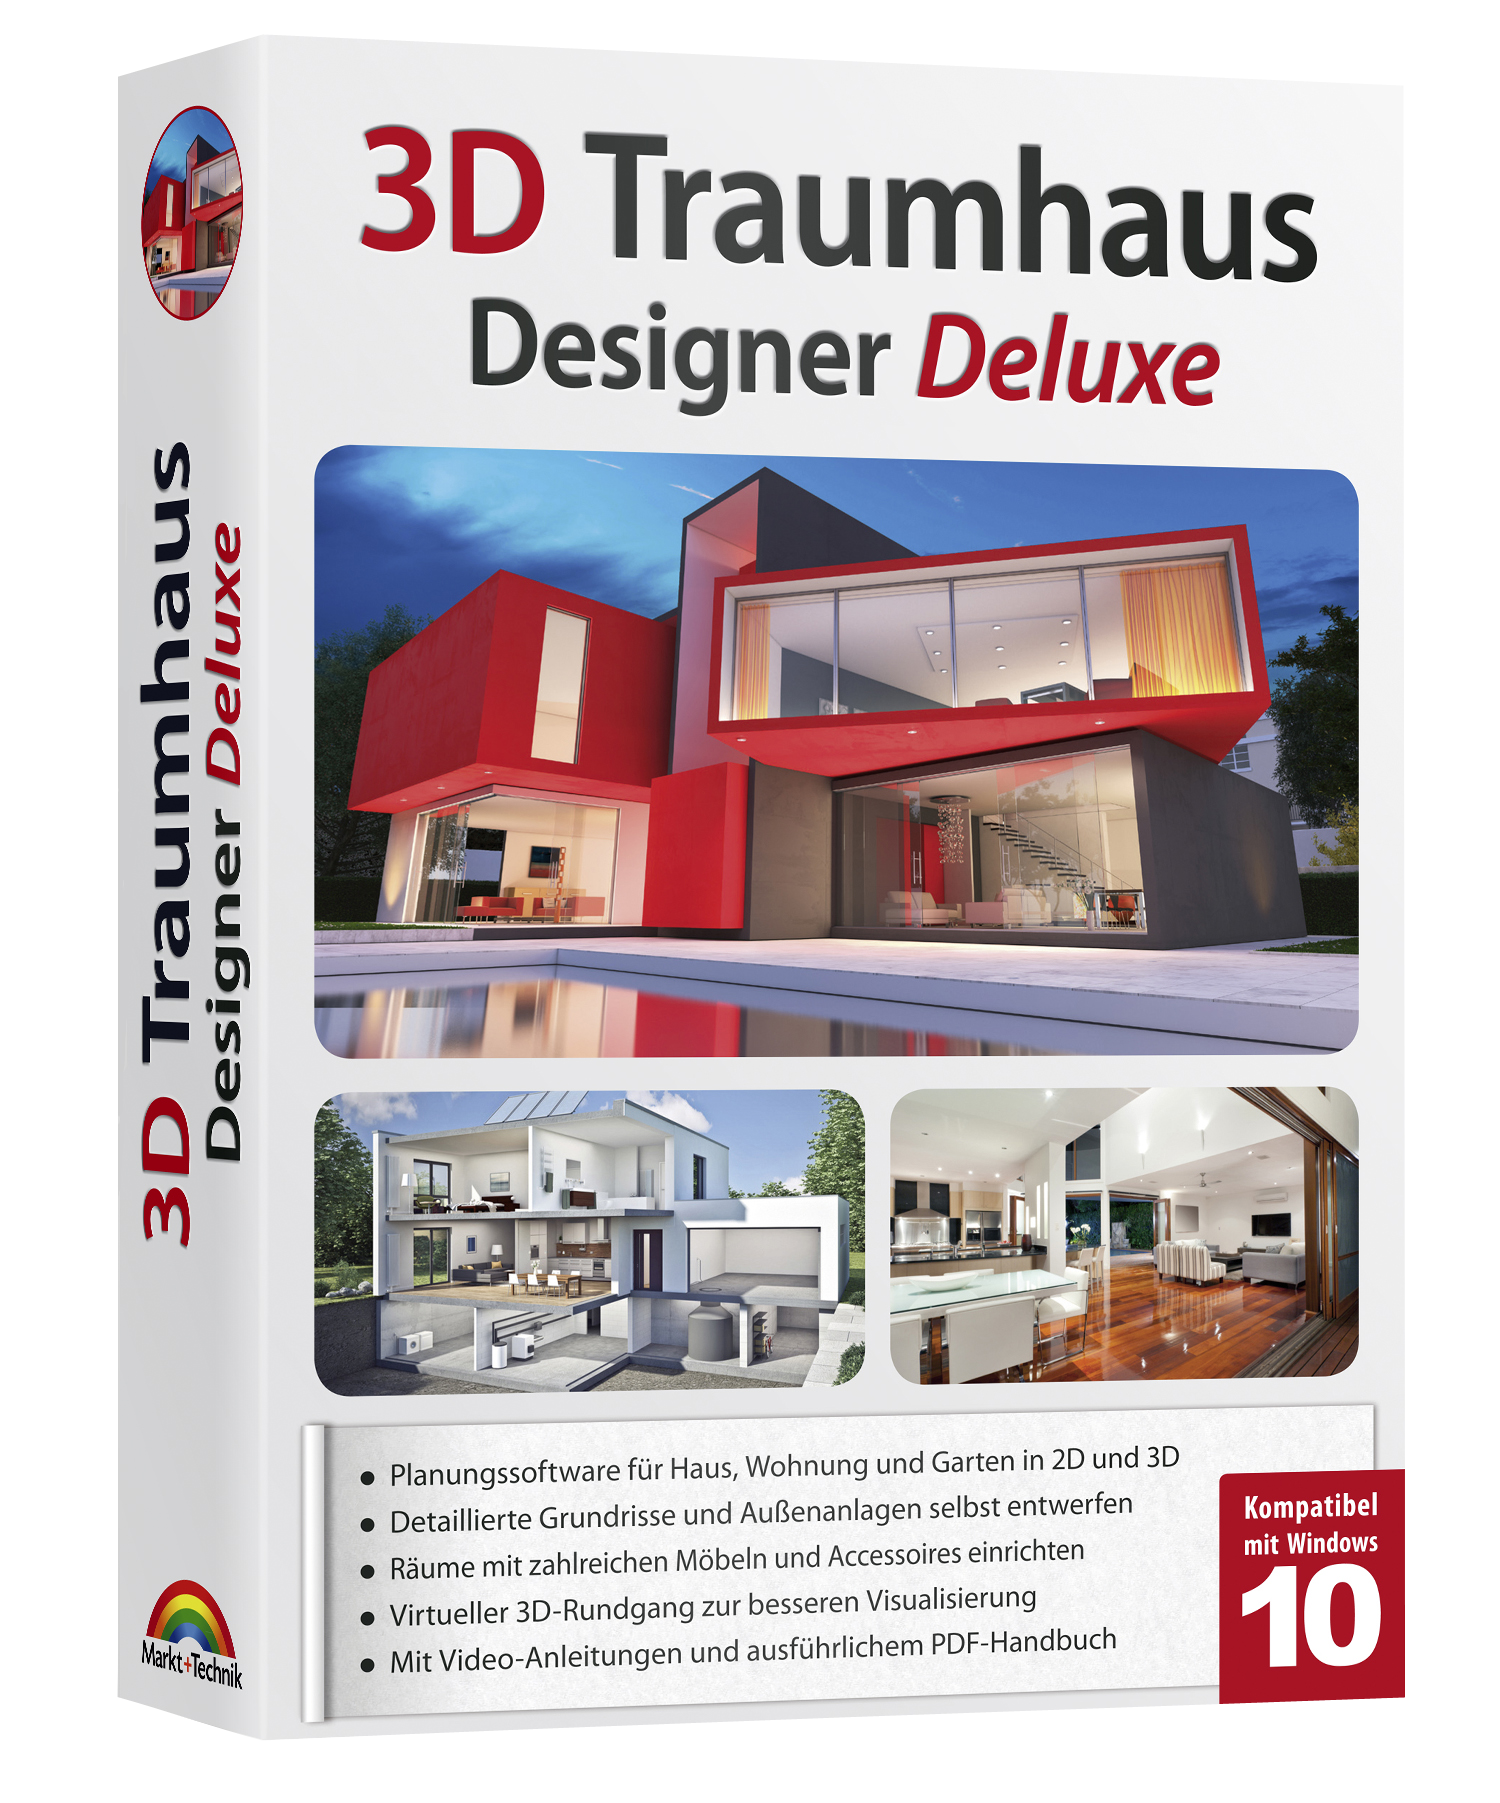 3d traumhaus designer: die komplettlösung für haus- und